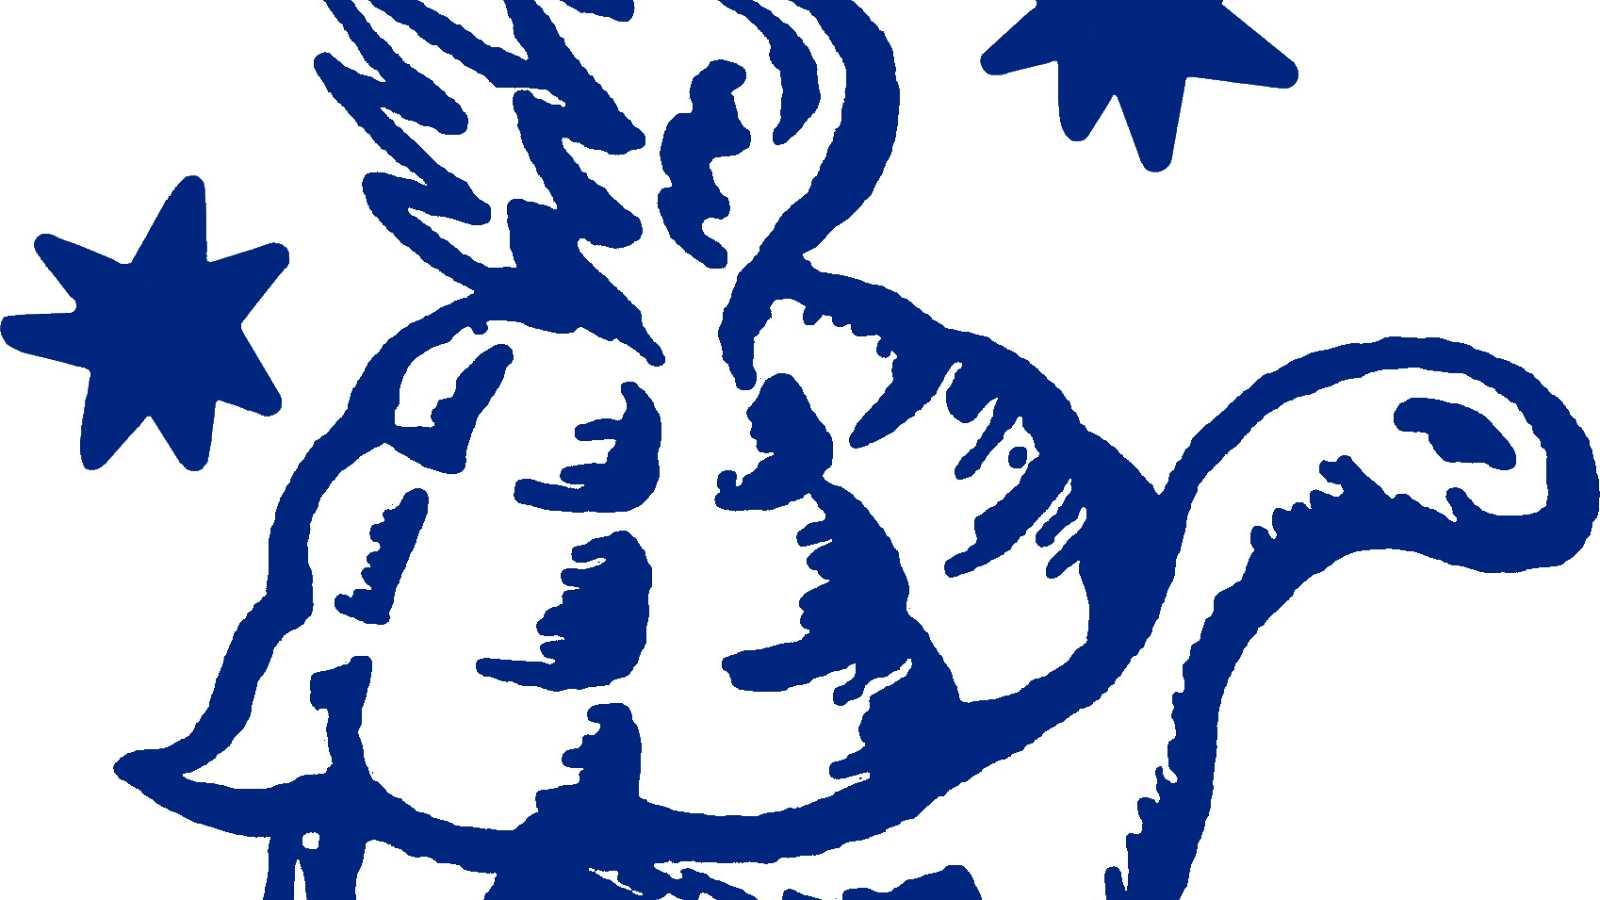 Mundo solidario - Fundación Gil Gayarre - 24/12/17 - escuchar ahora